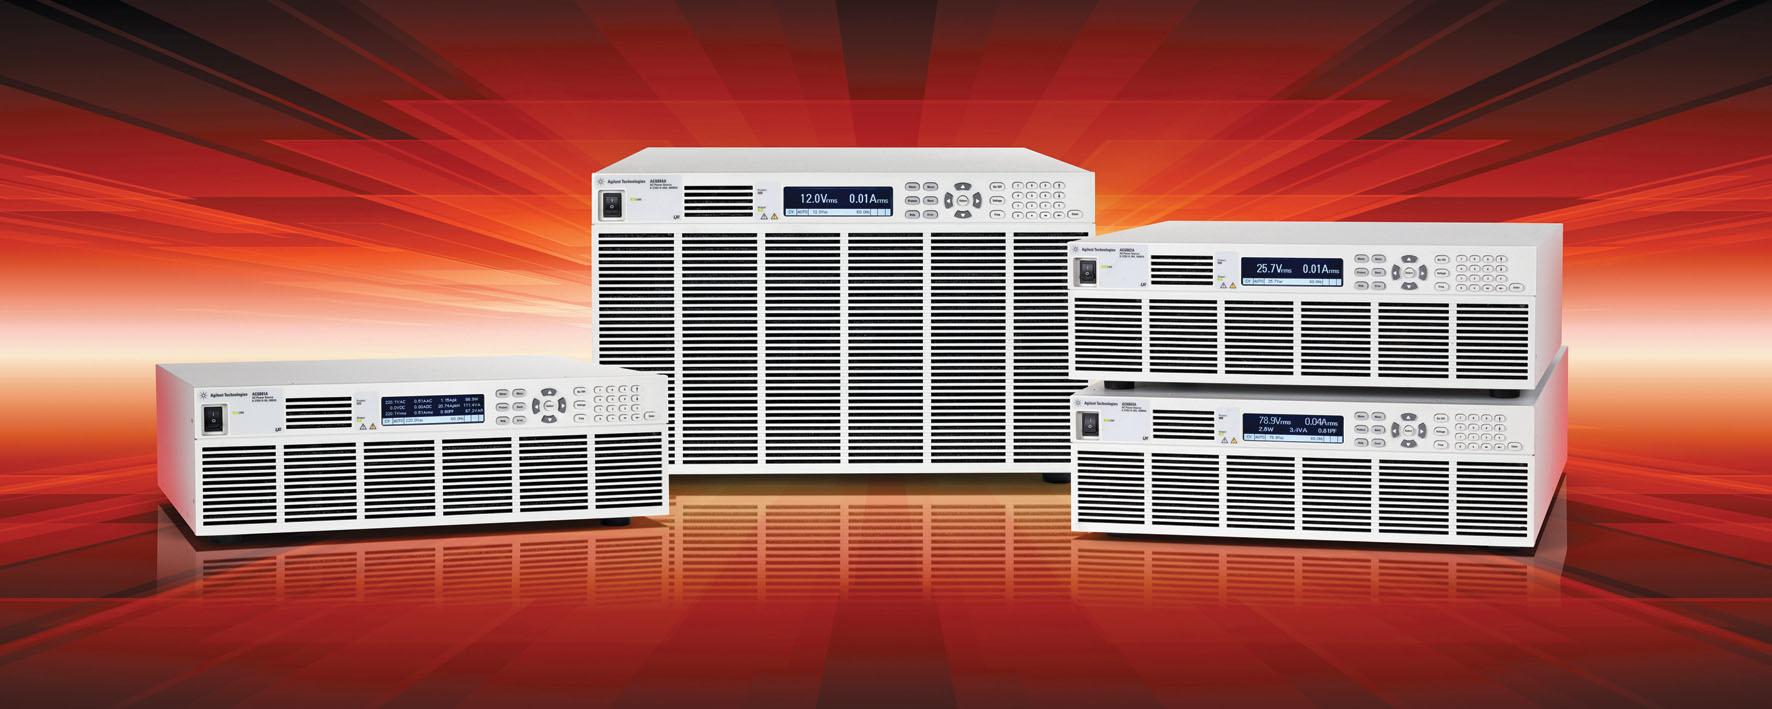 Keysight Technologies: источники питания переменного тока для обеспечения стабильных достоверных результатов испытаний